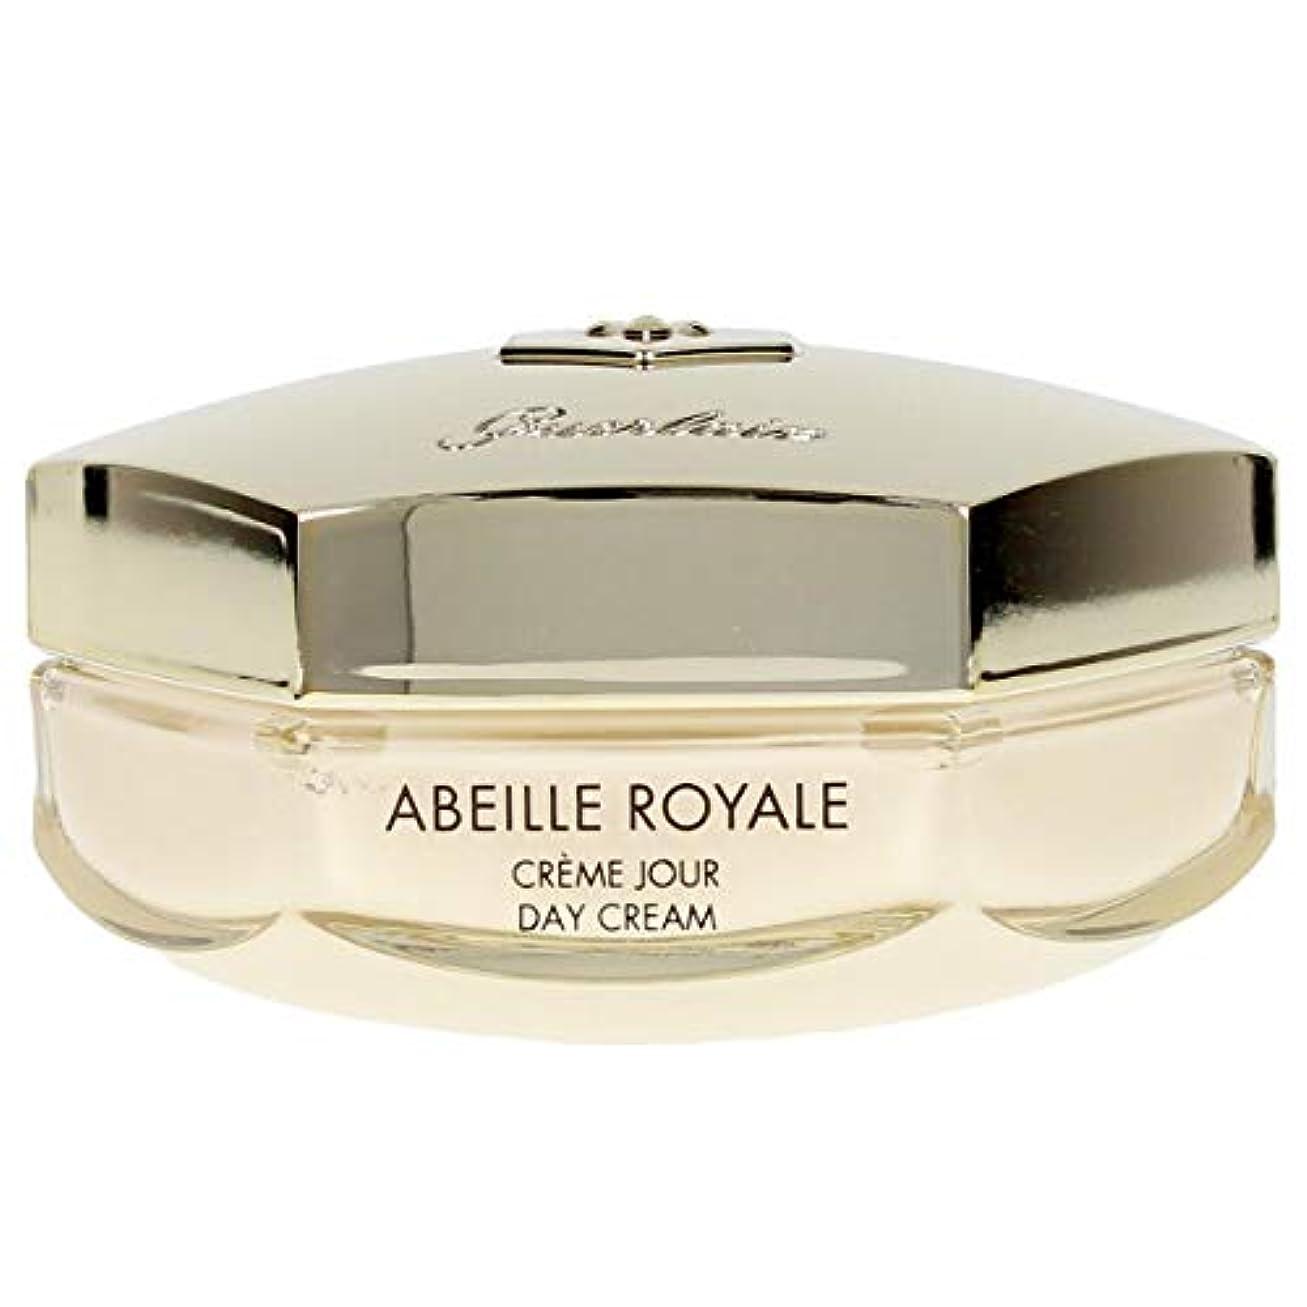 記念碑パースアンタゴニストゲラン Abeille Royale Day Cream - Firms, Smoothes & Illuminates 50ml/1.6oz並行輸入品